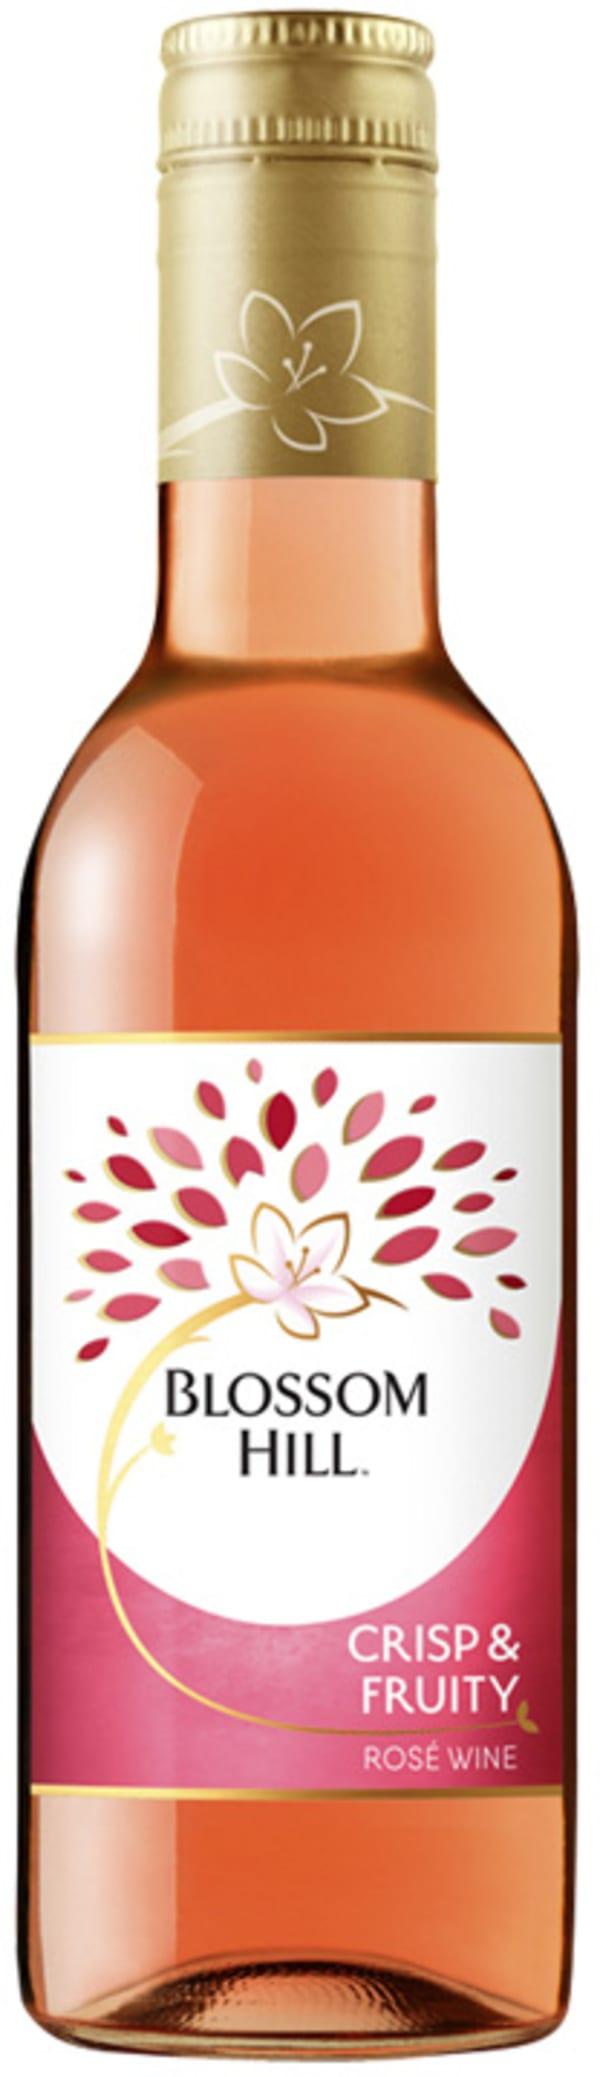 Blossom Hill Crisp & Fruity Rosé